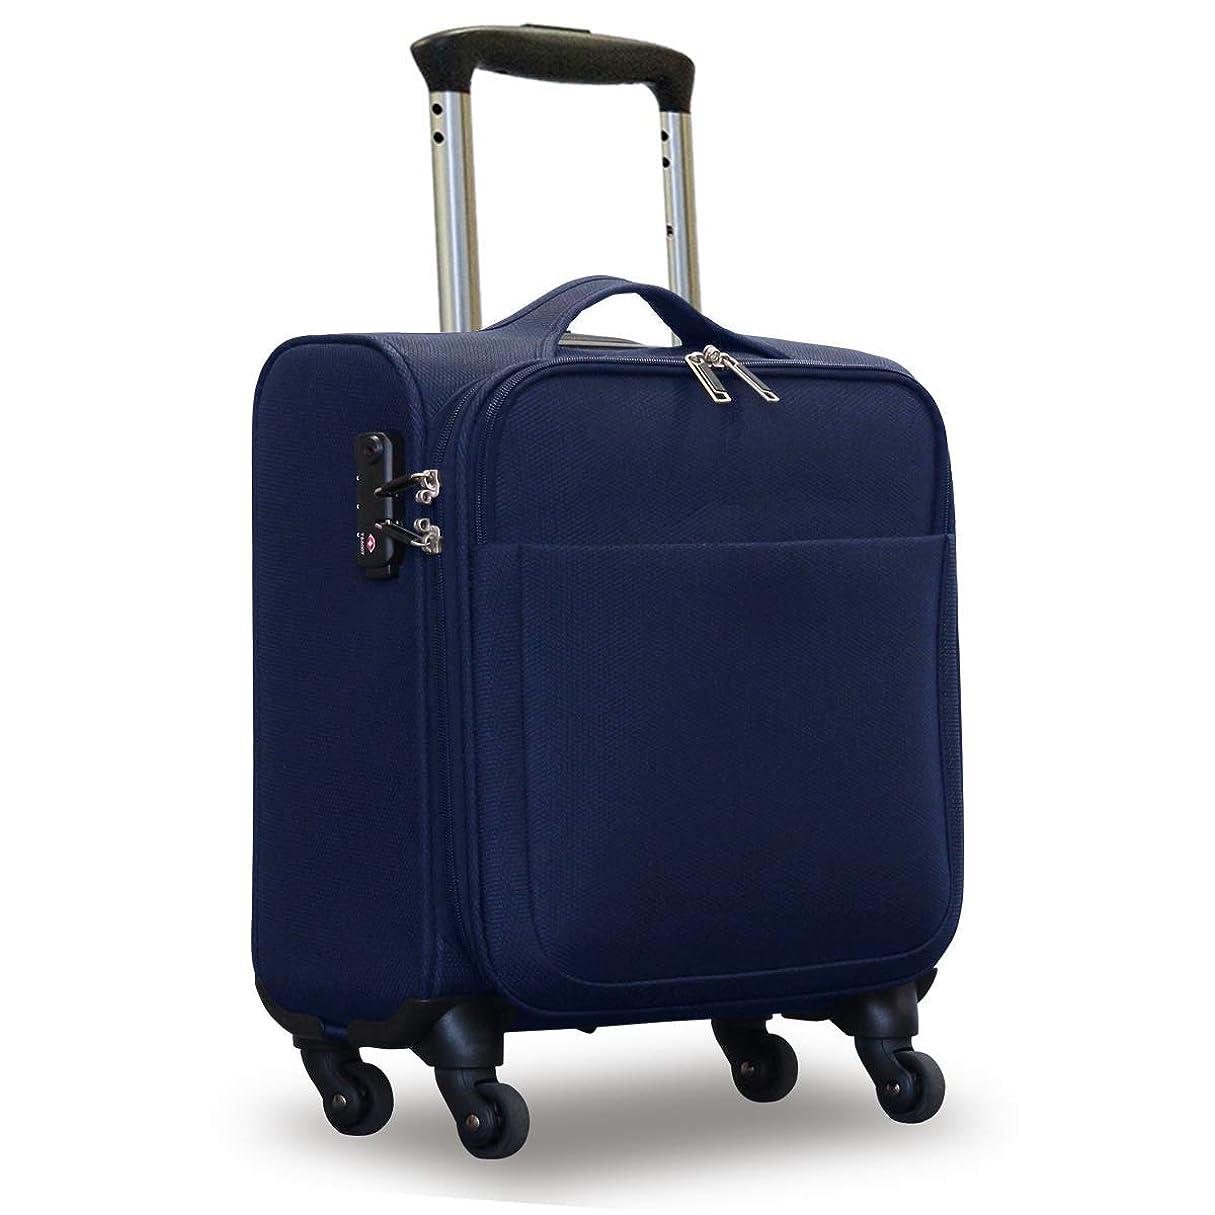 求人マーケティングレビュアーFIELDOOR TSAロック搭載 ソフトキャリーケース トラベルスーツケース 軽量 外ポケット 耐衝撃 撥水